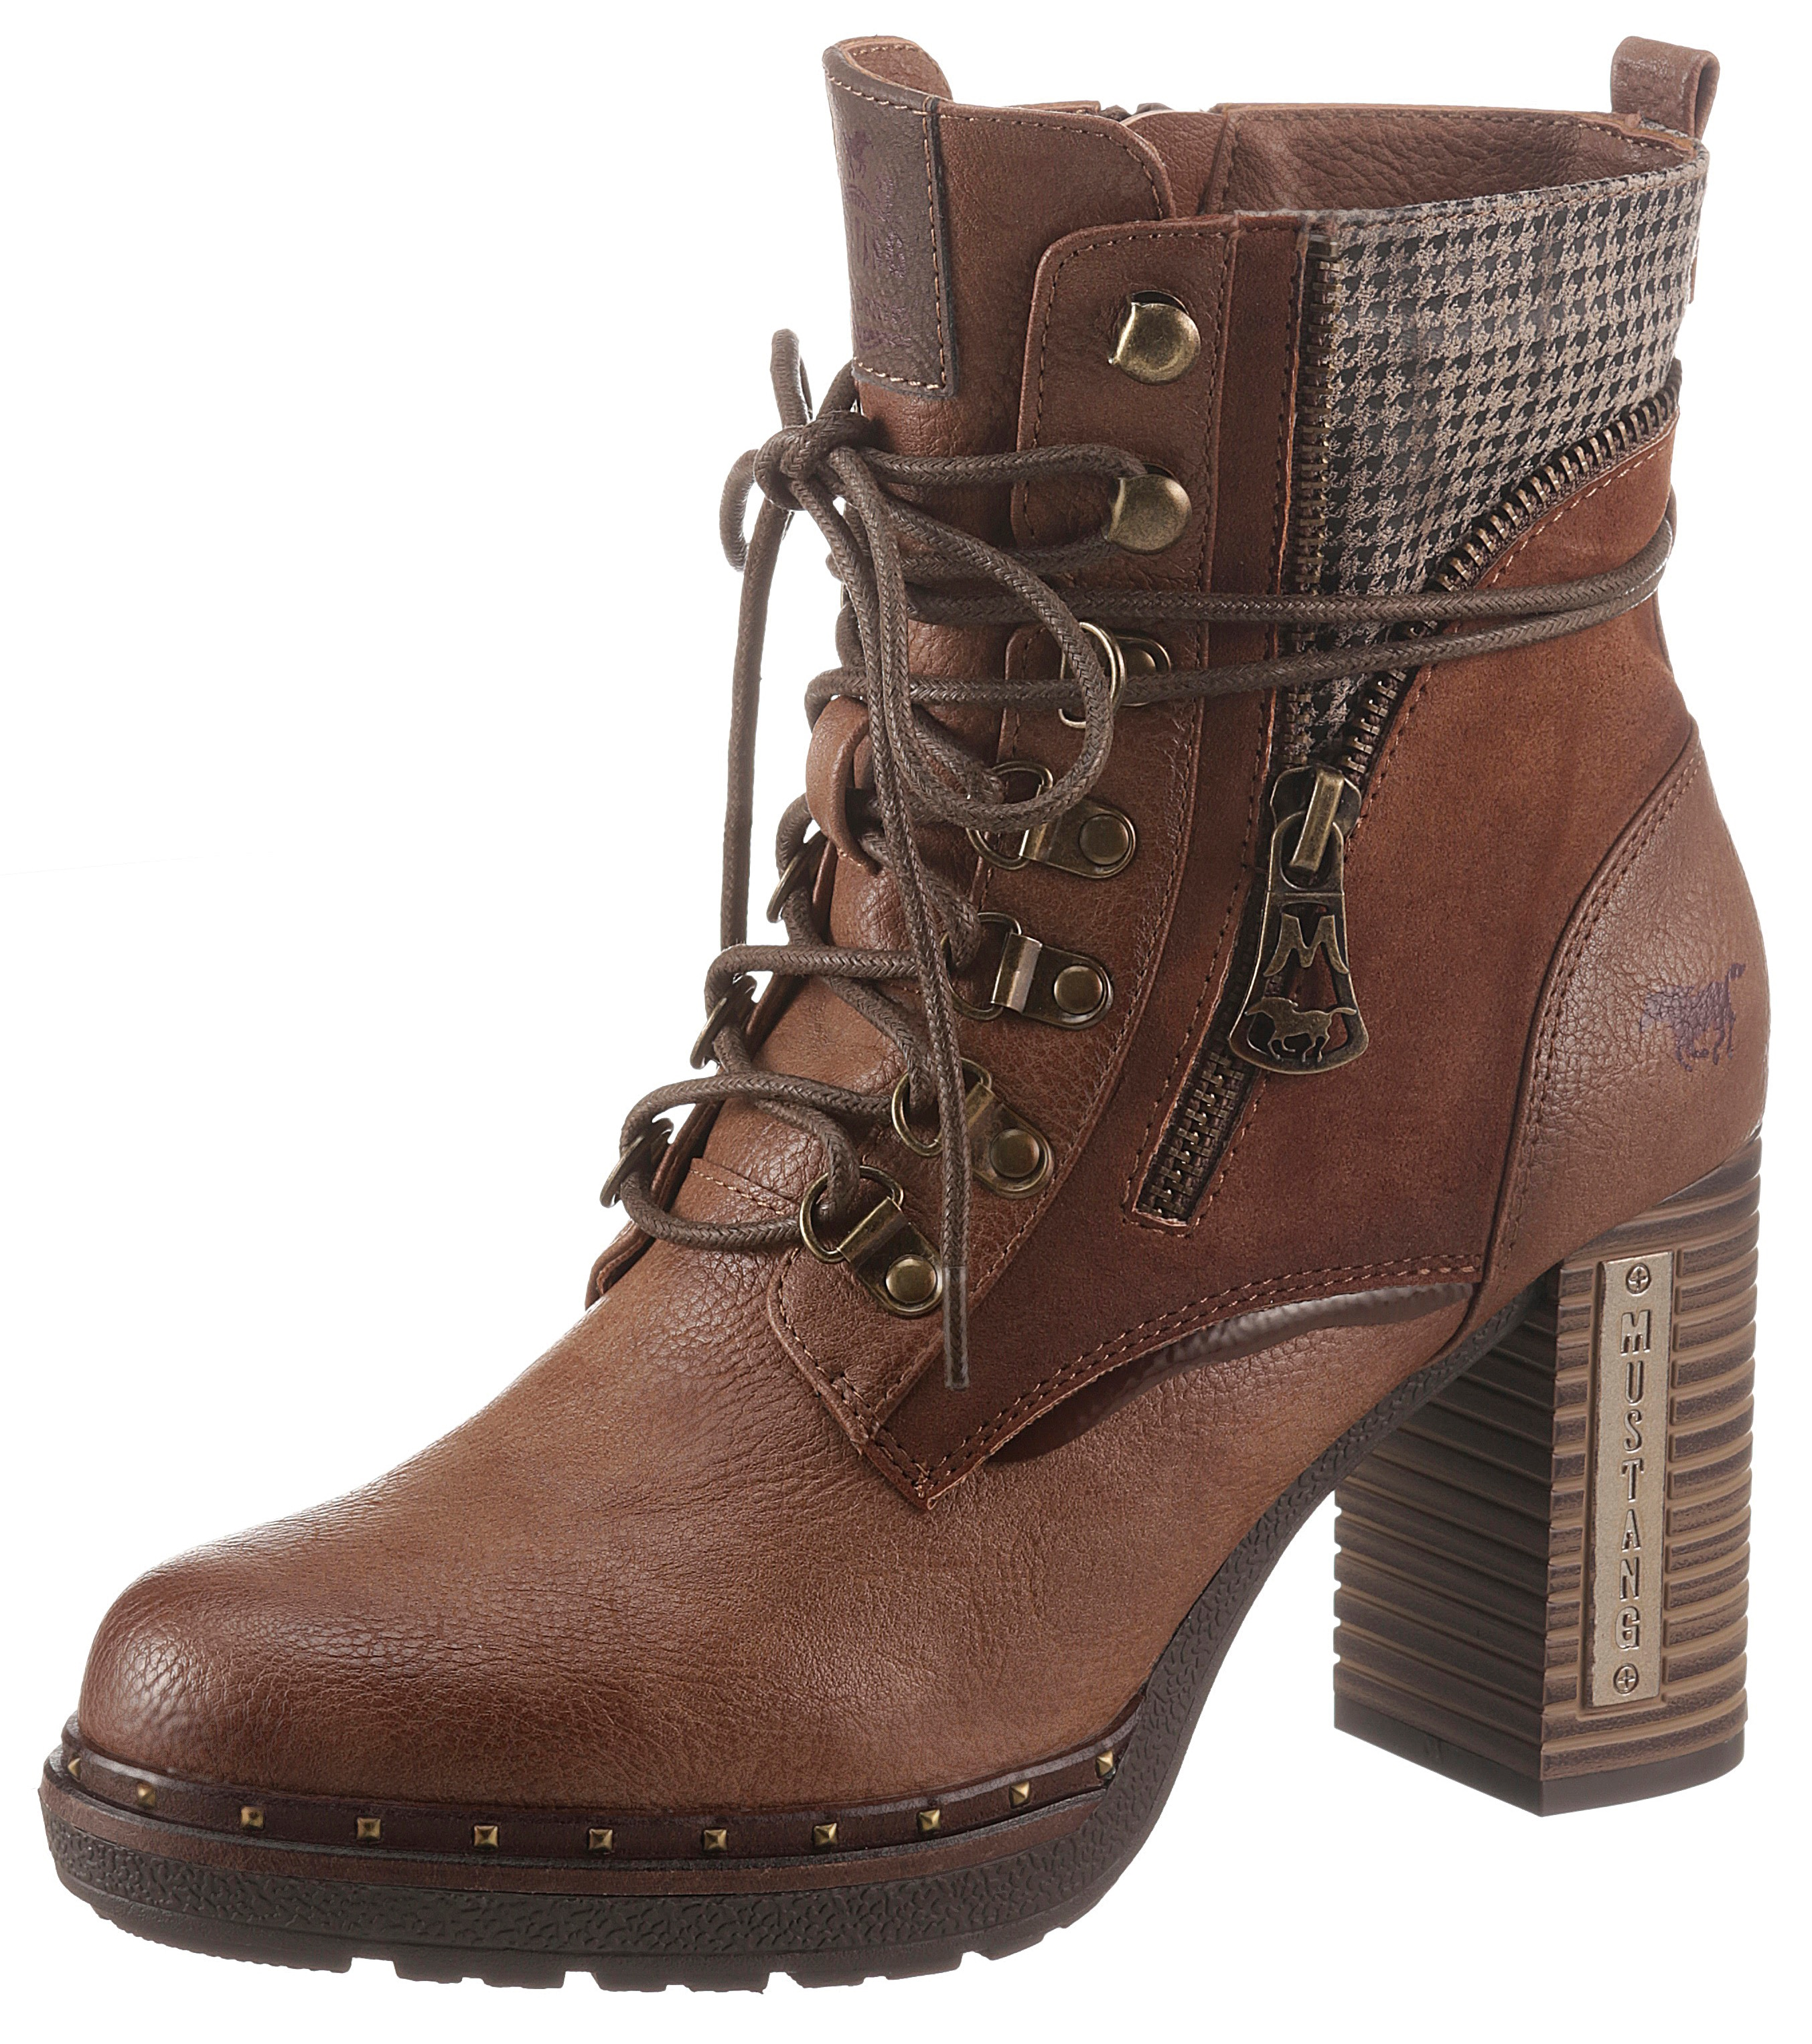 mustang shoes -  Schnürstiefelette, mit Zierreißverschluss außen